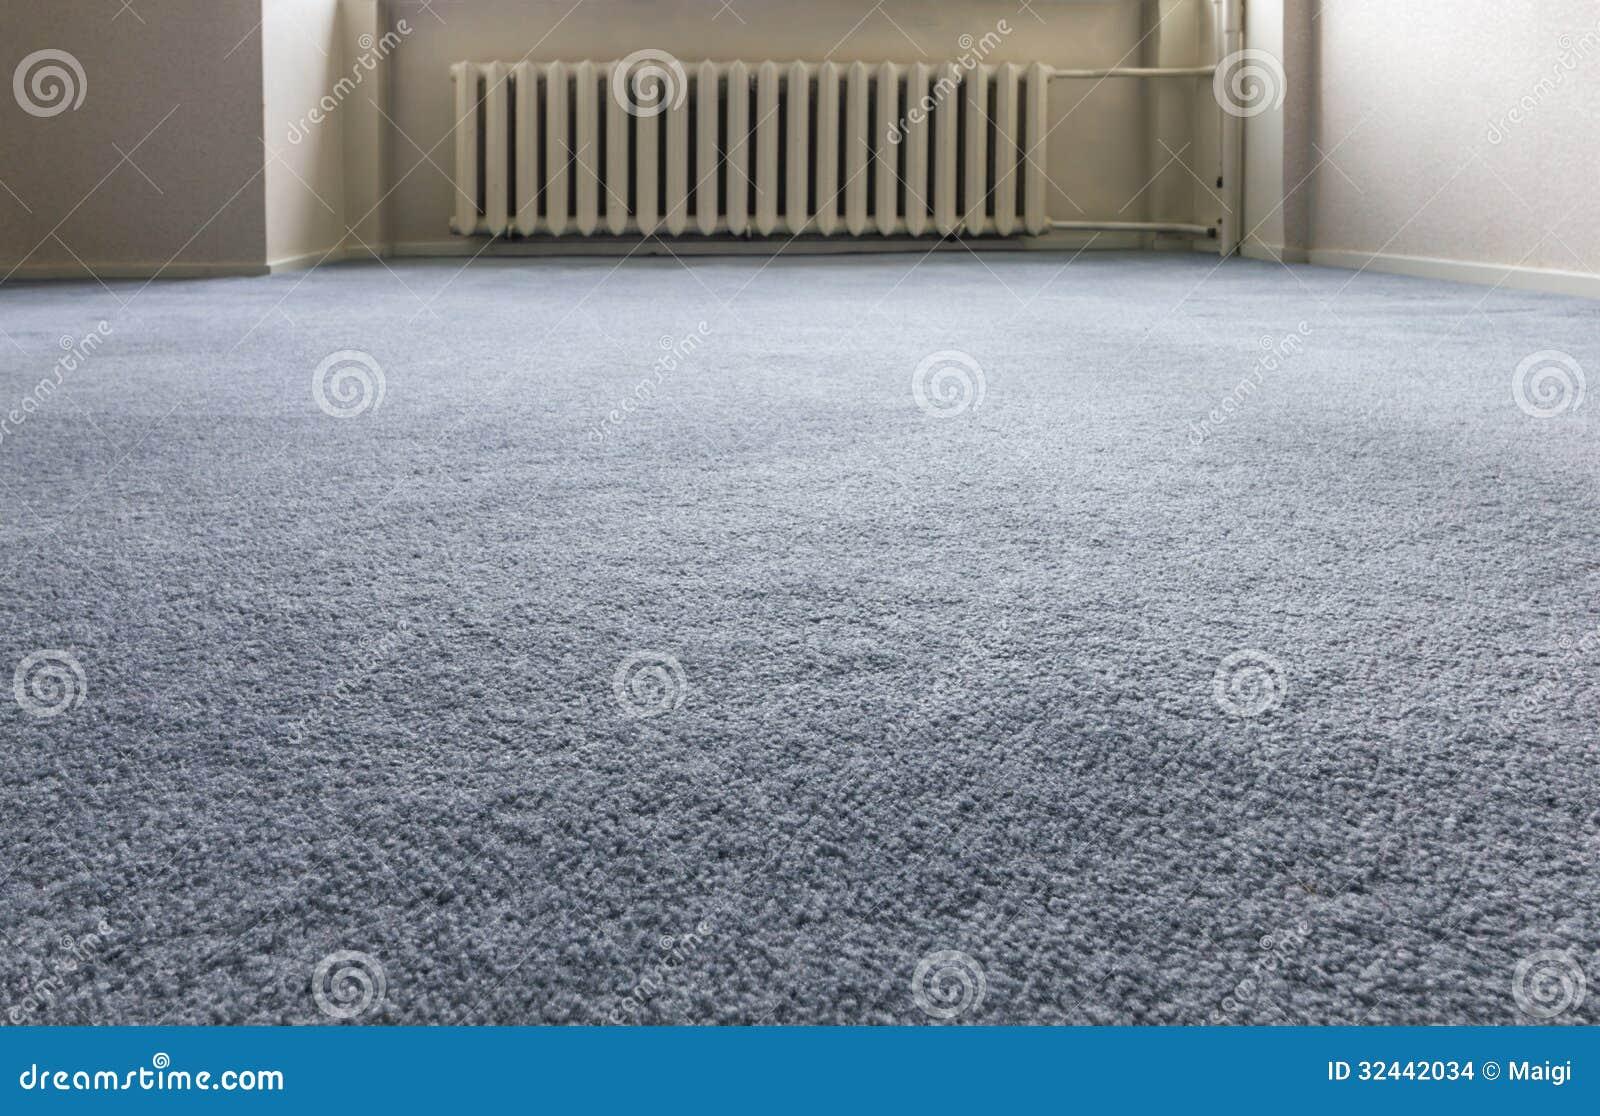 Assoalho de tapete azul